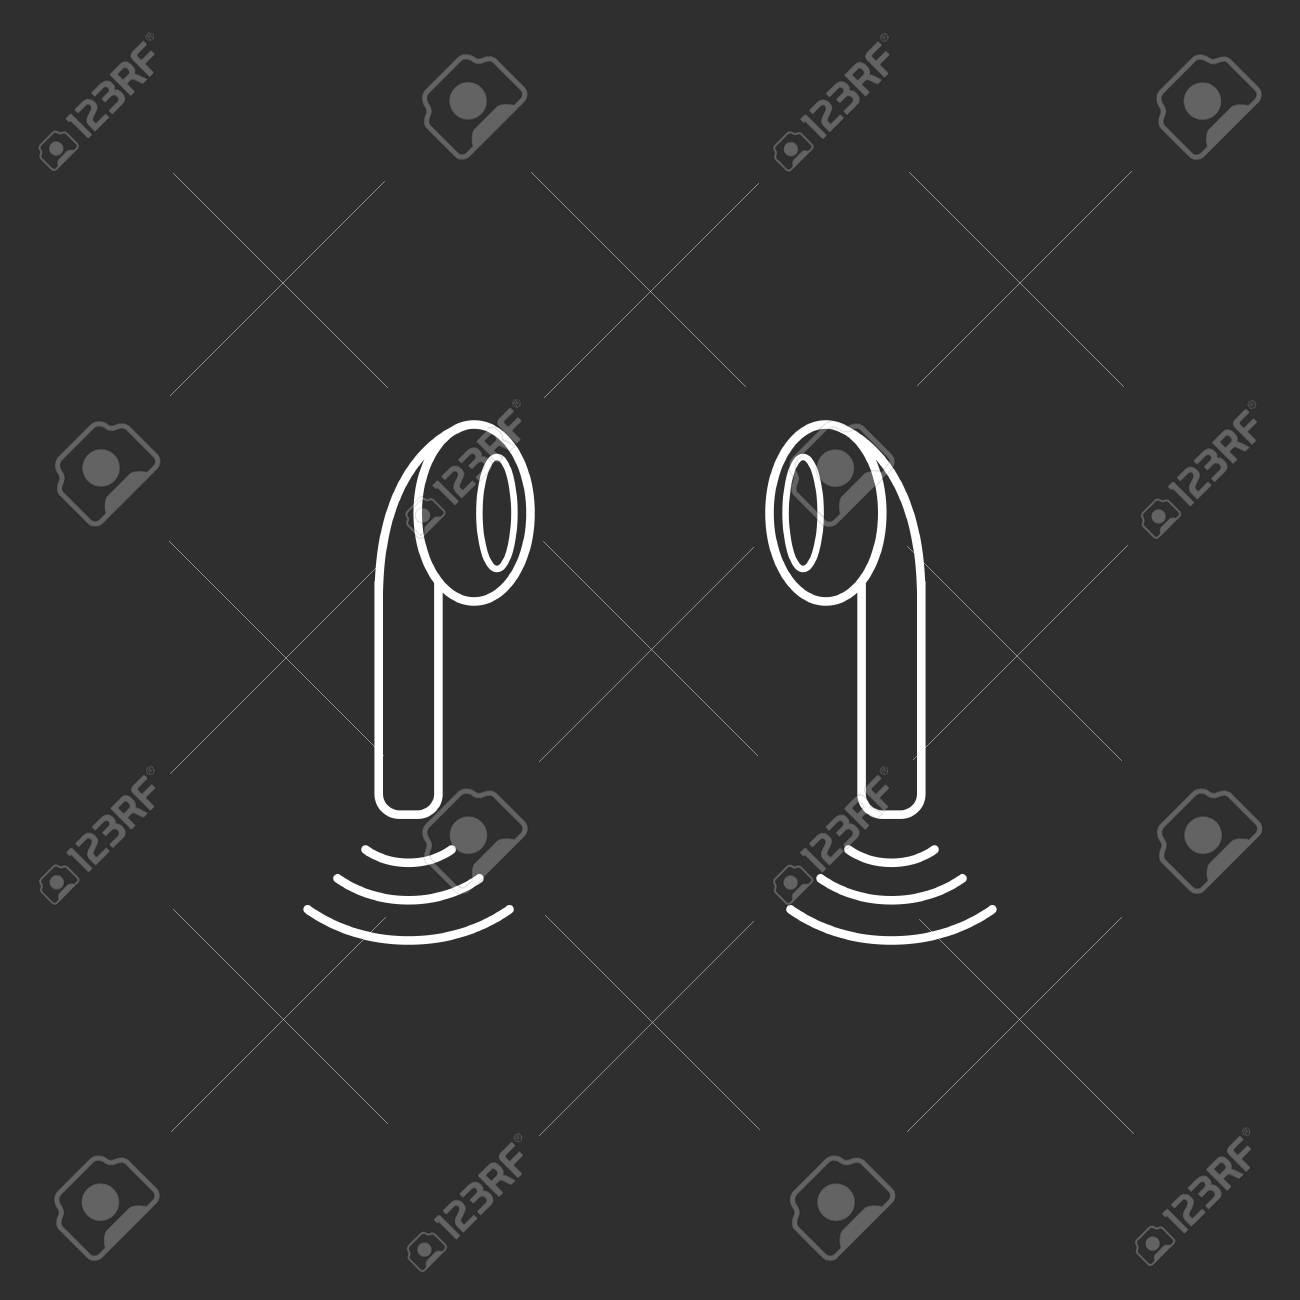 Headphones icon. Flat design Vector icon - 126561579